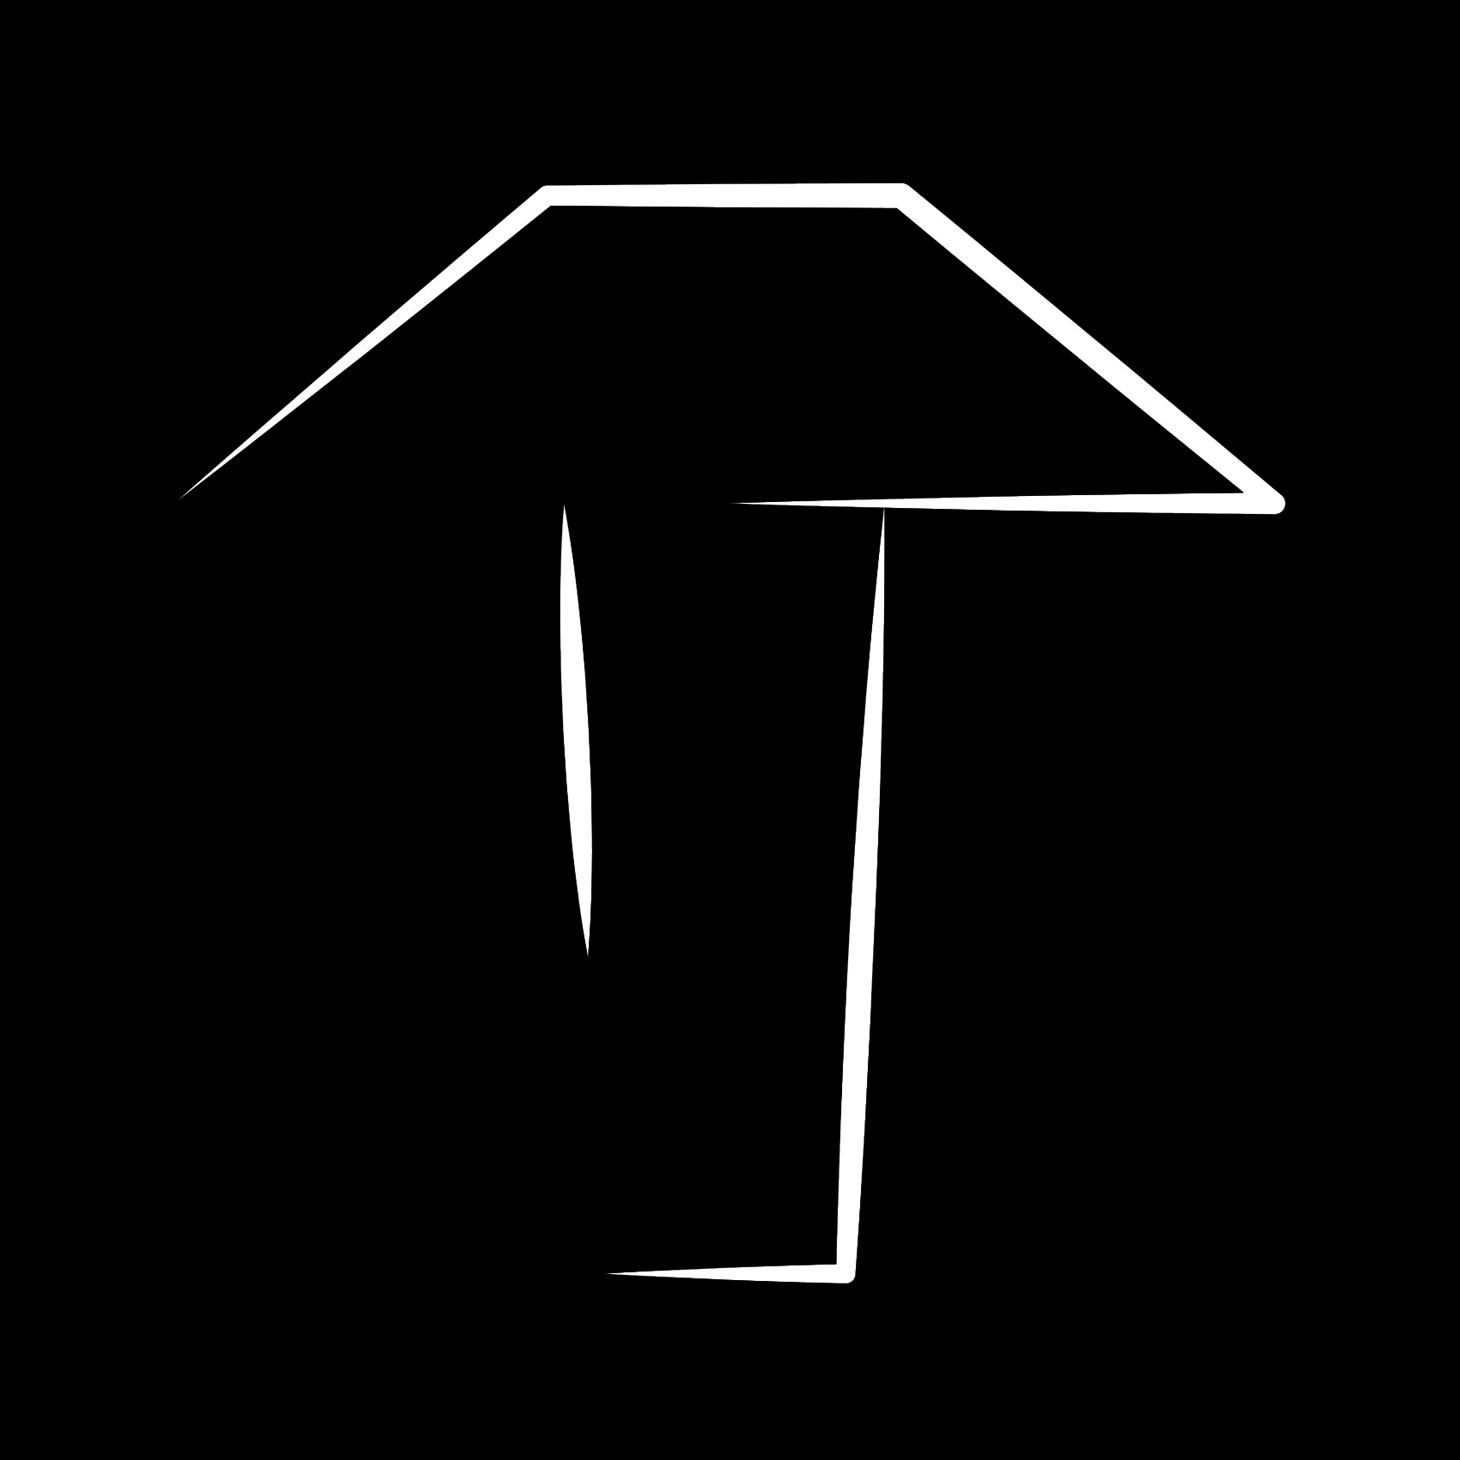 Dusk Motion official logo black background